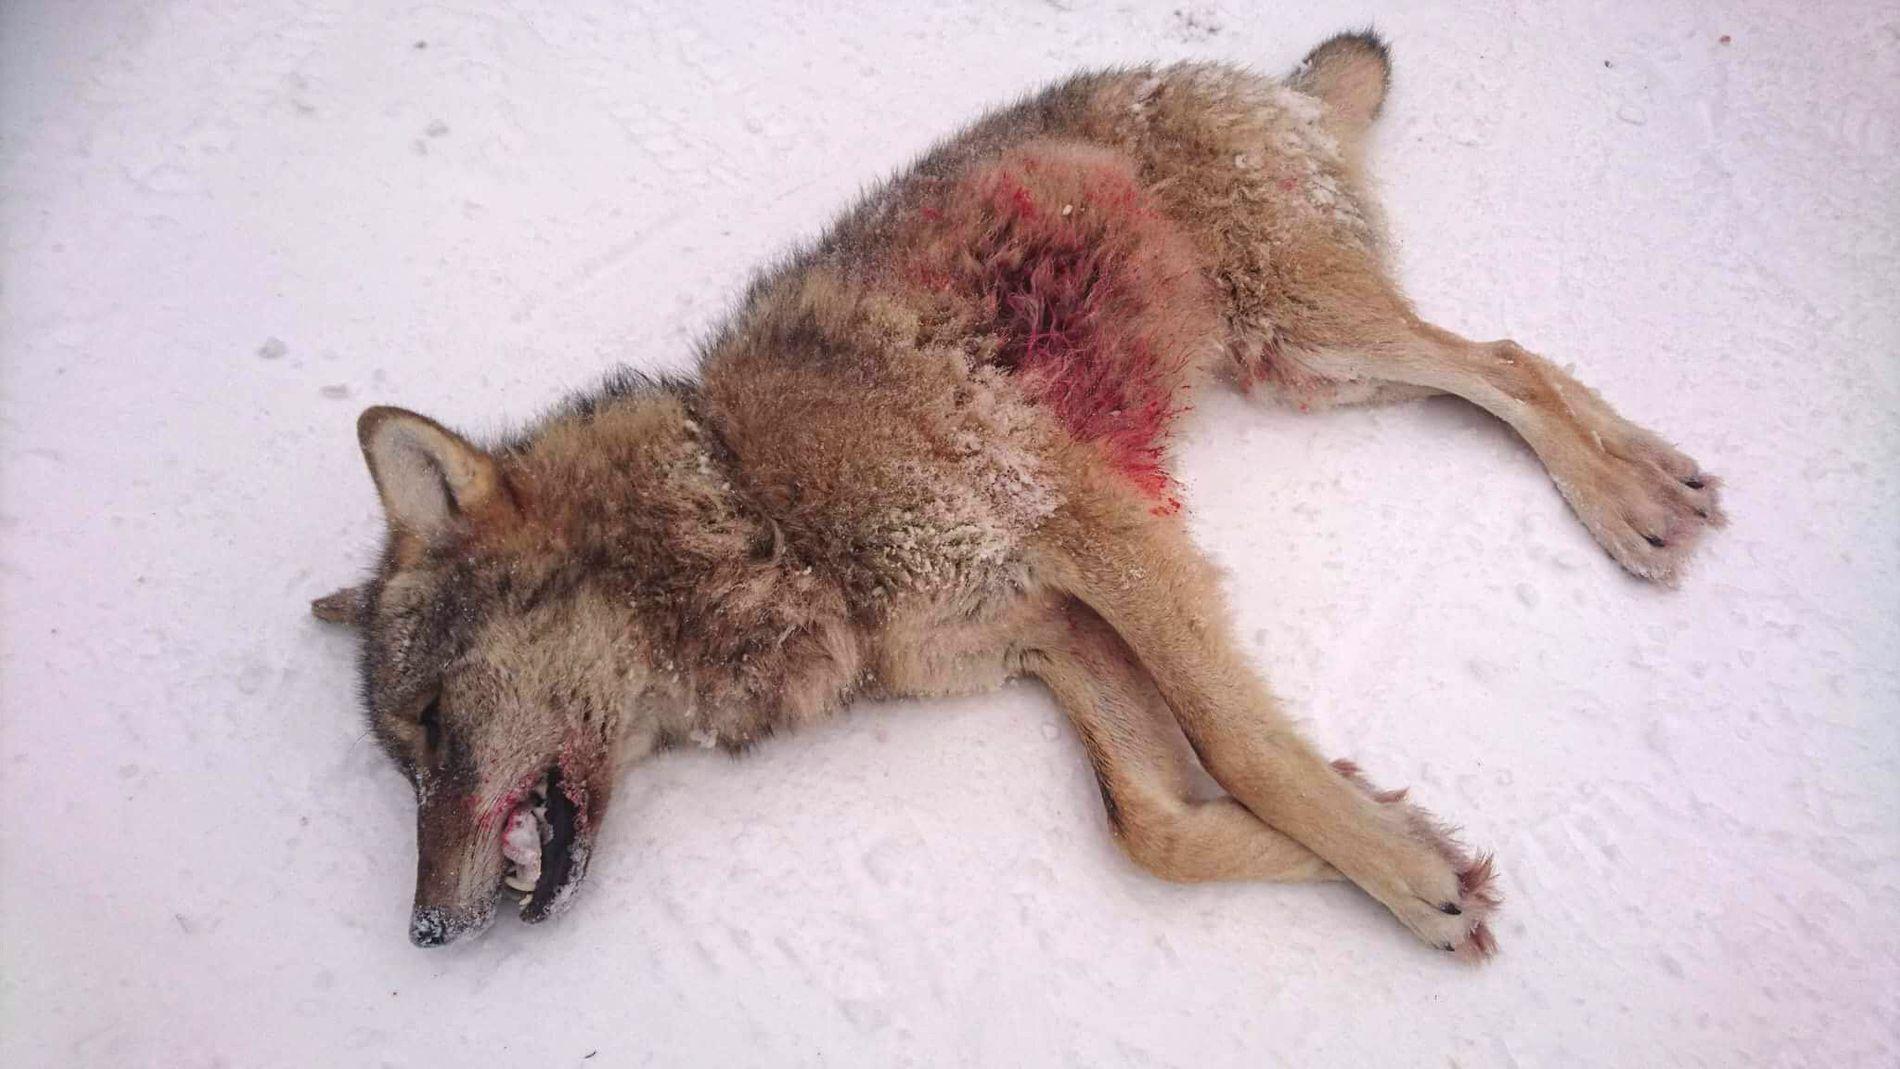 Denne årsgamle ulvetispa fra Julussa-reviret ble fredag 9. februar felt av jegere fra Statens naturoppsyn. Nå er ytterligere to ulver, tilhørende Osdalsreviret, felt.